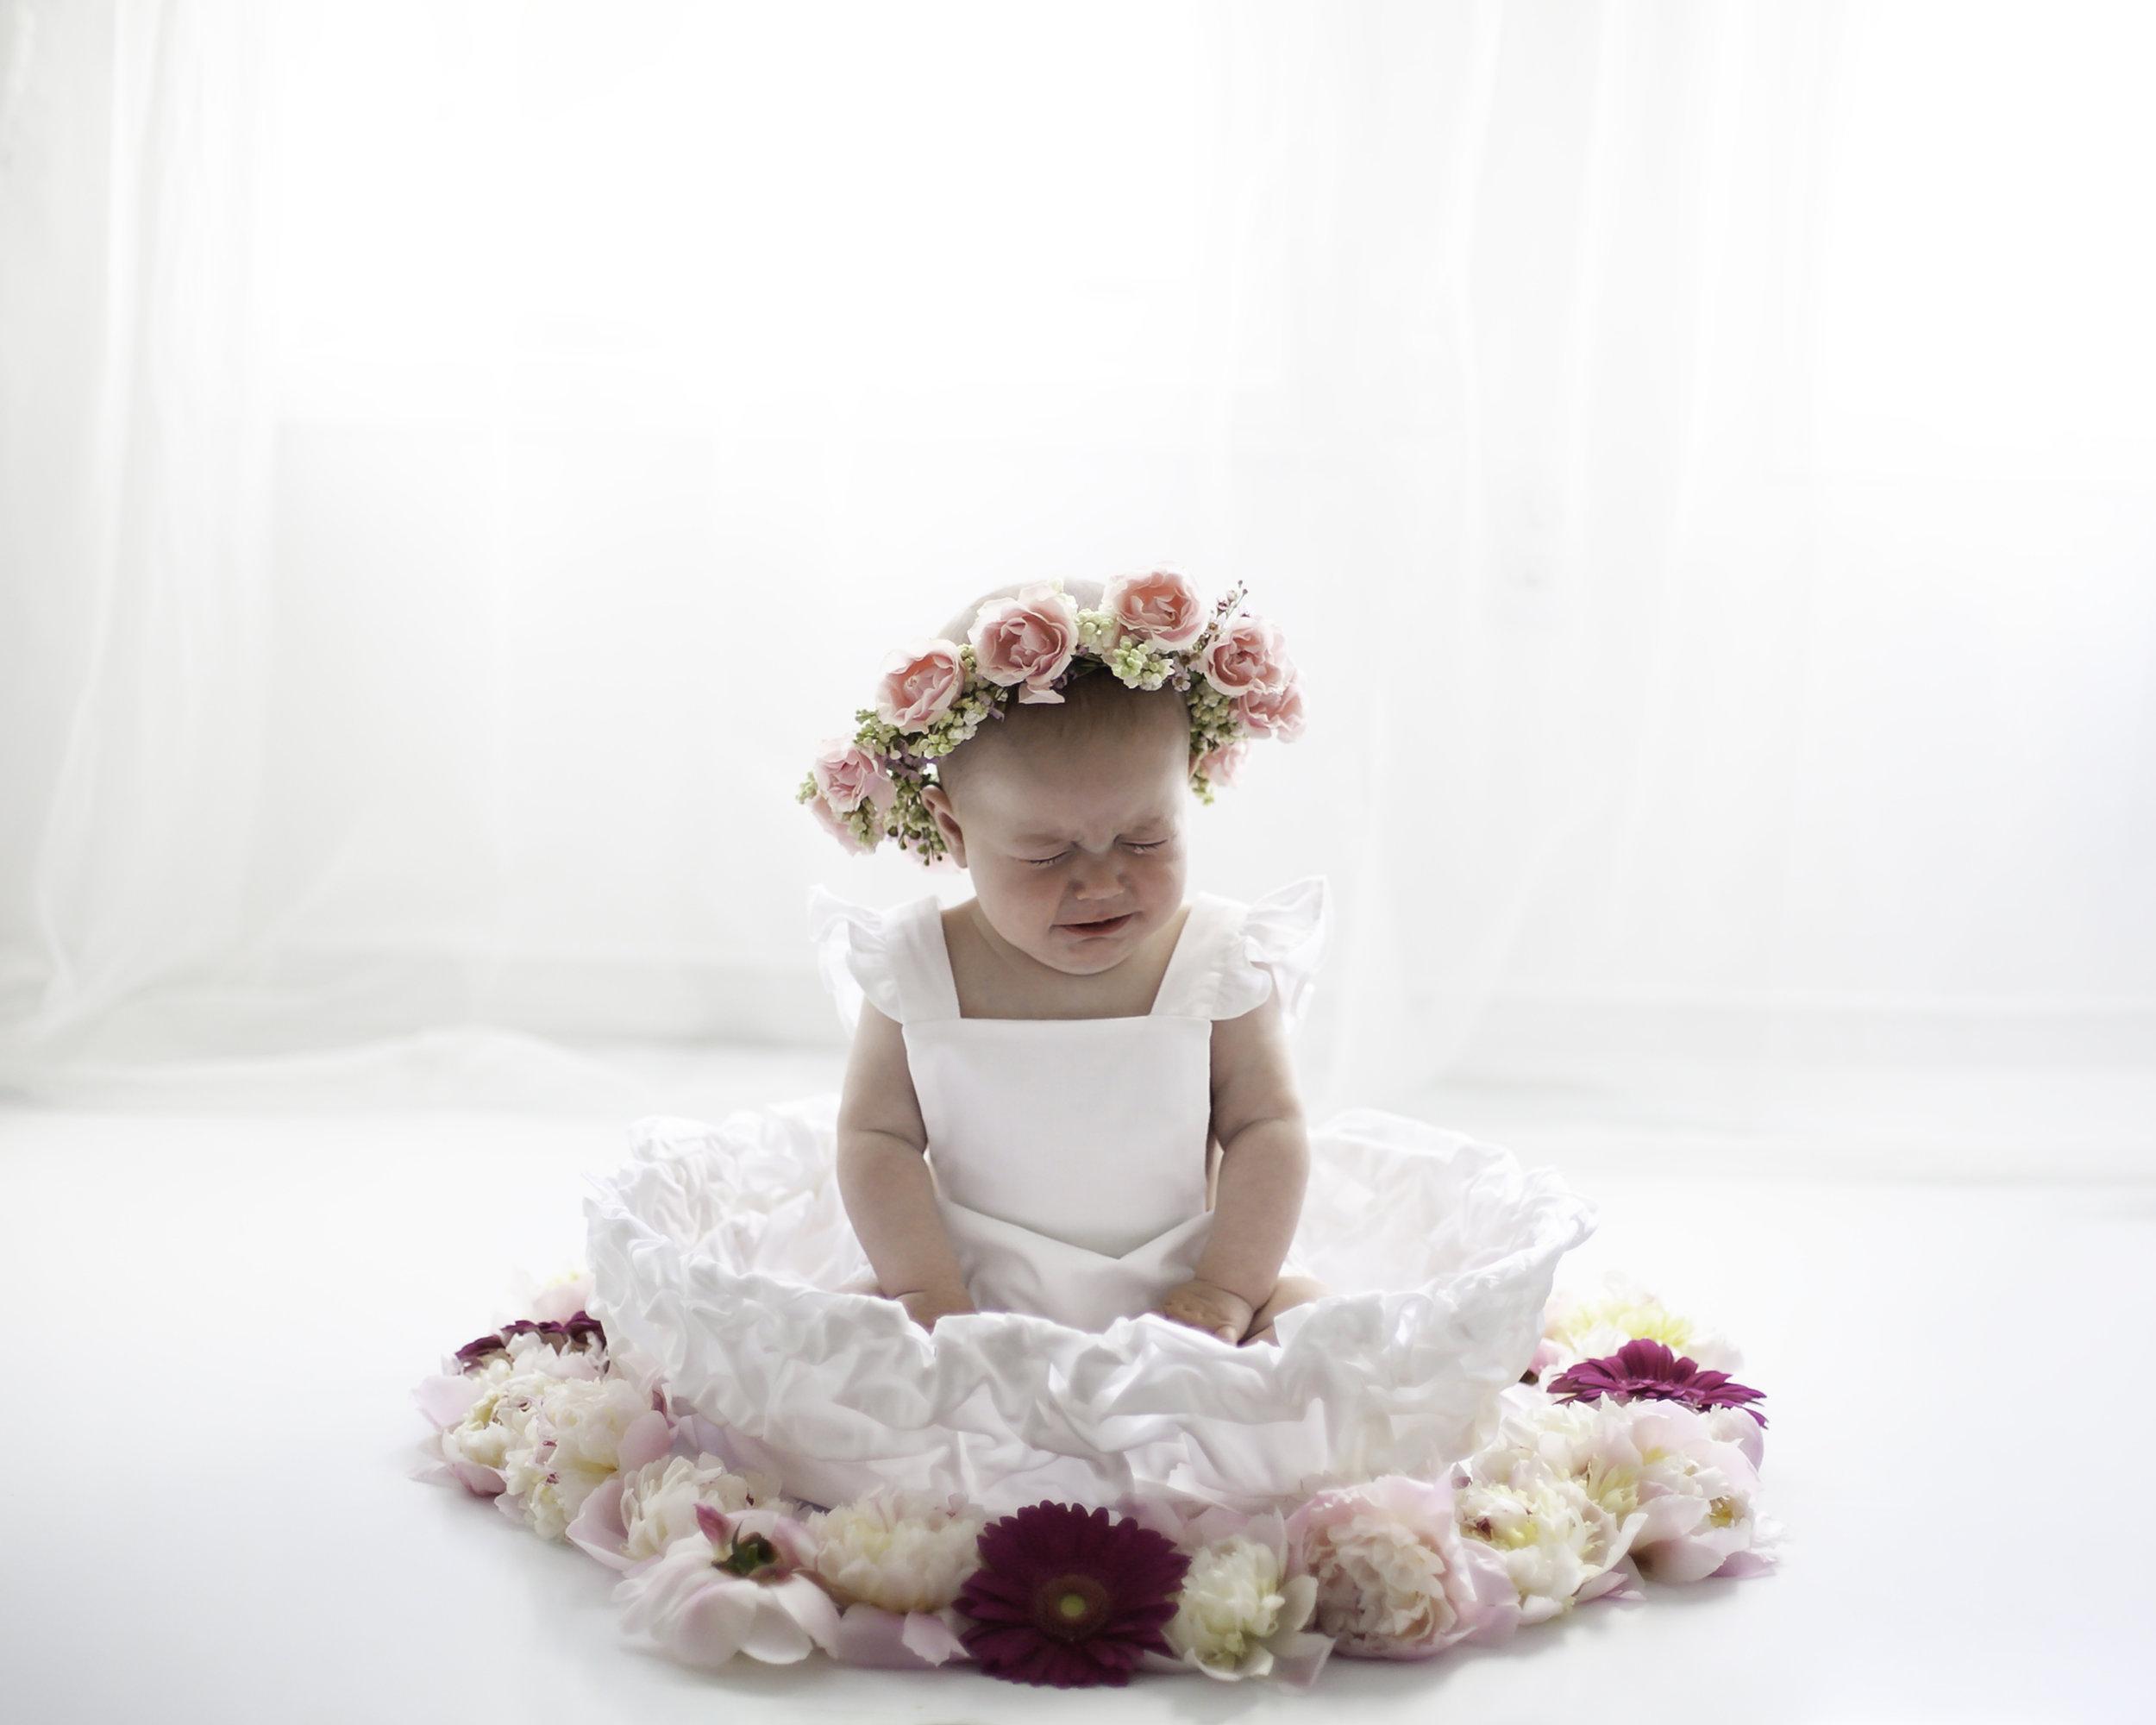 Baby_Emotions_Fresh_Flowers_Oshawa_Toronto_Baby_Photorgapher_Petra_King_Photography